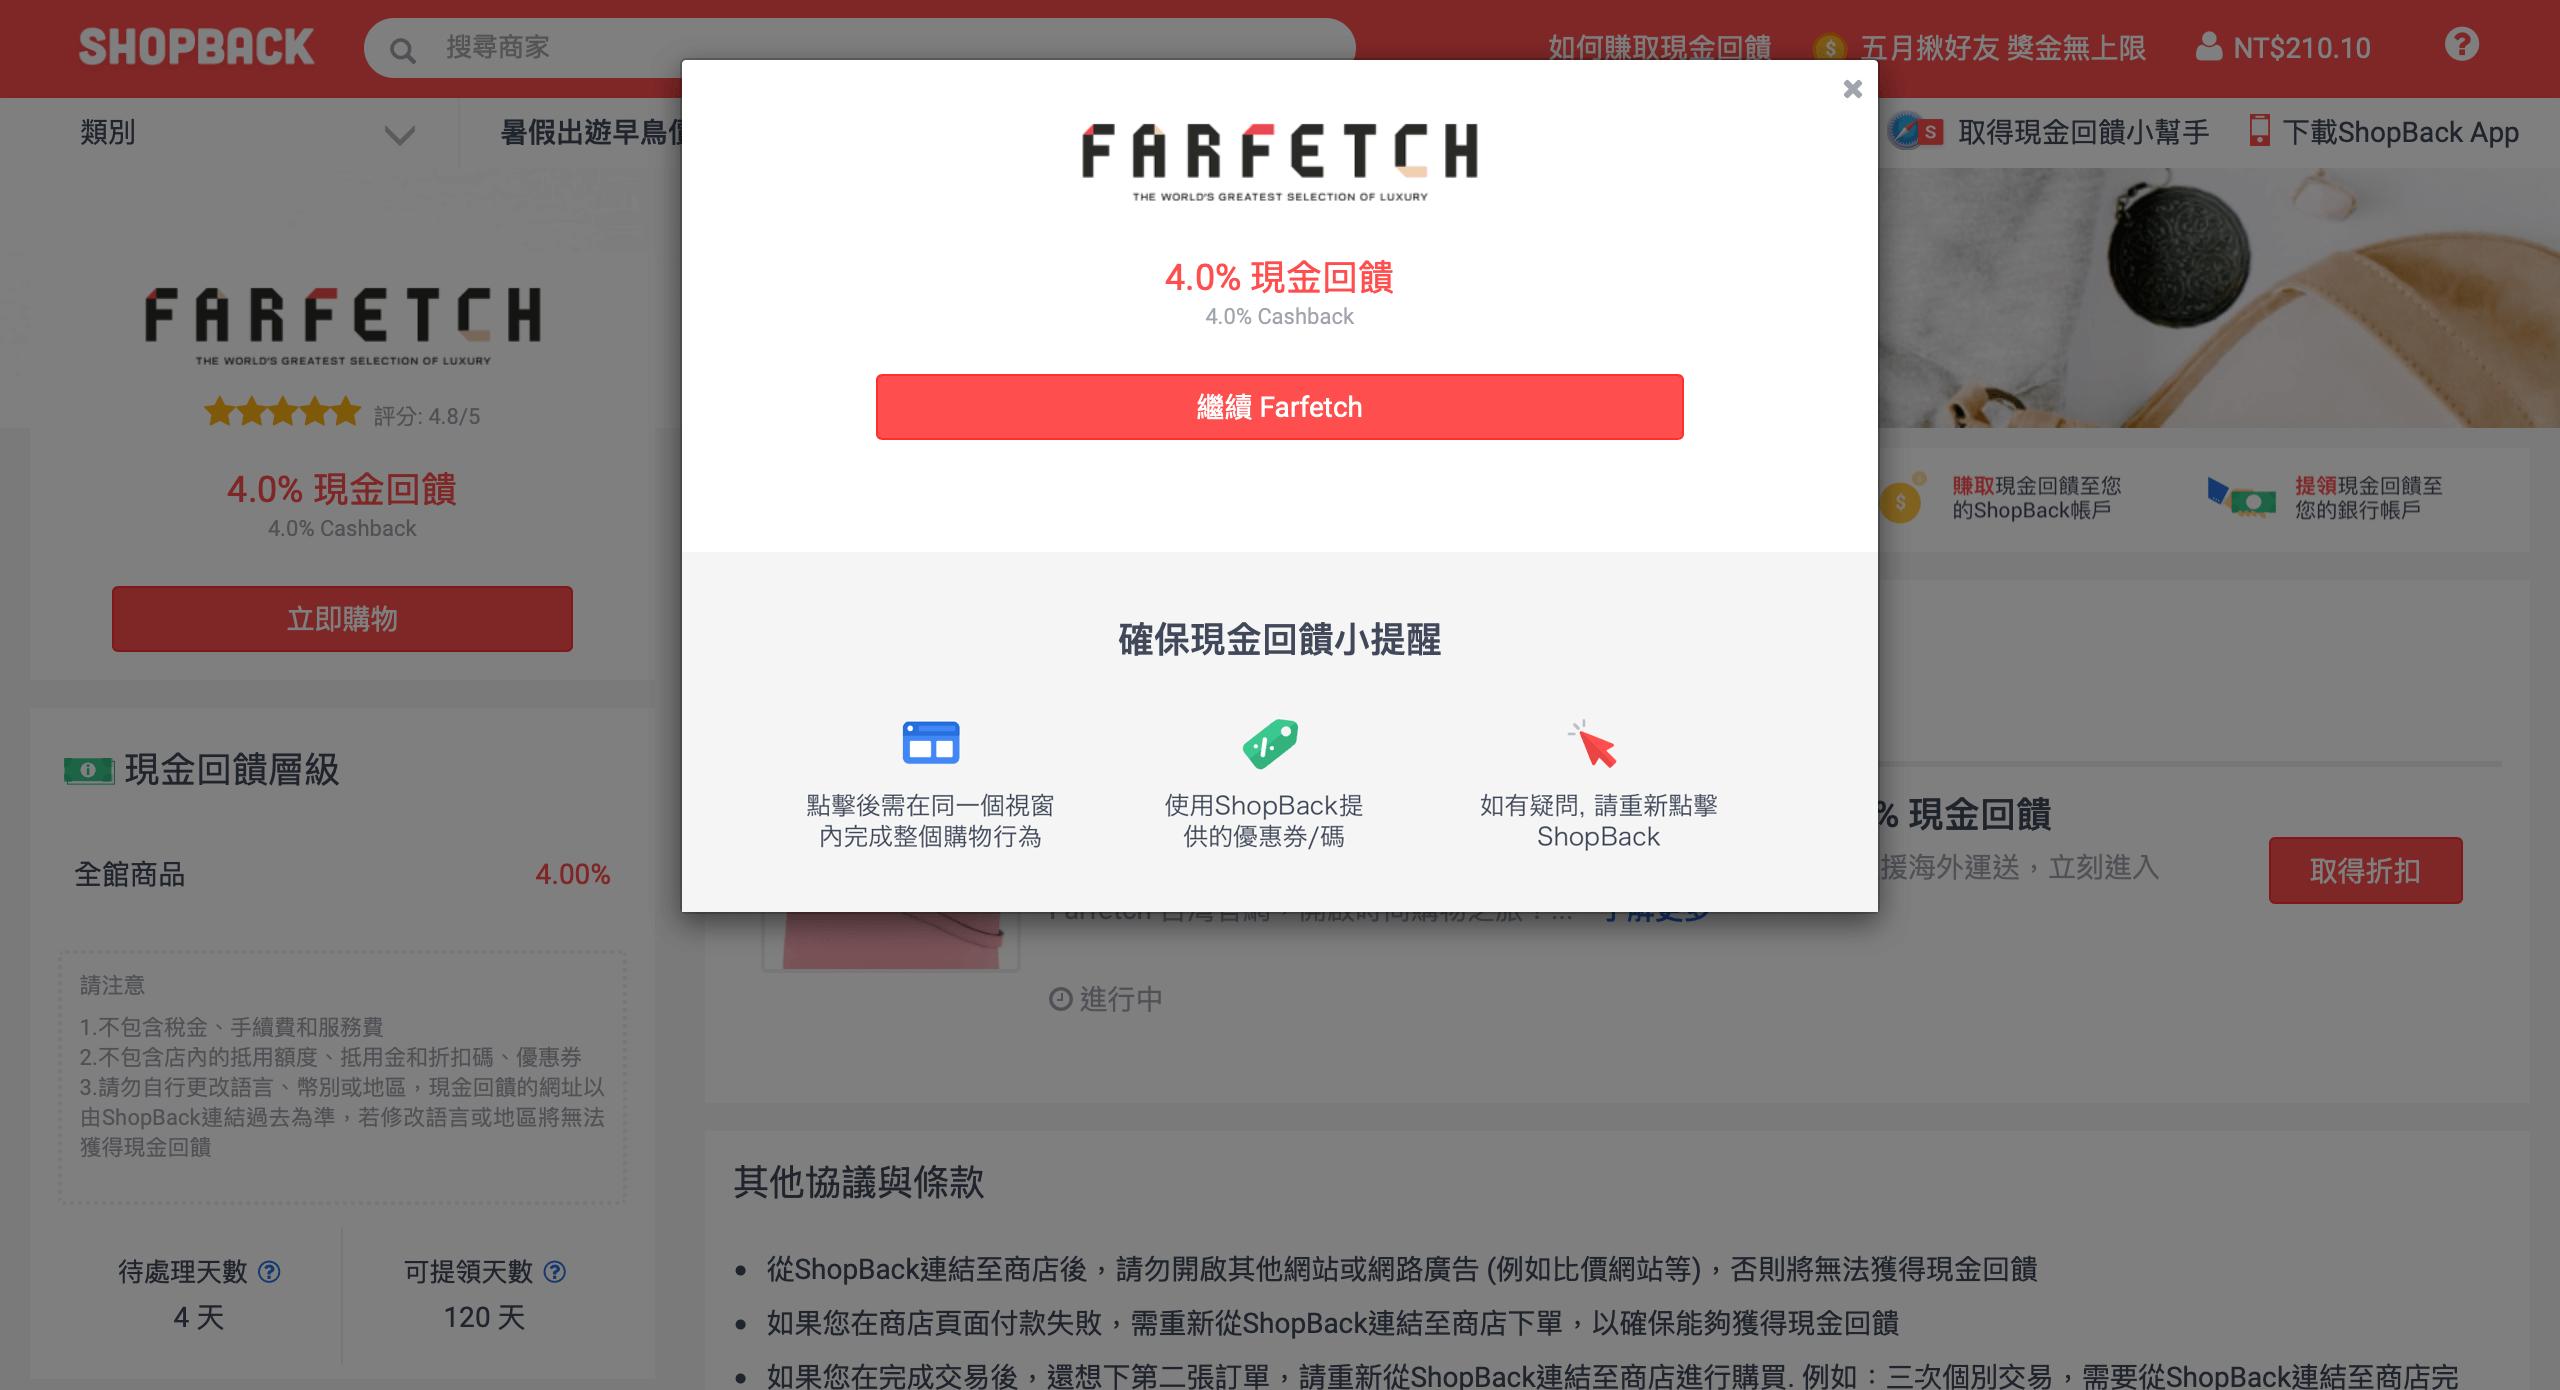 2019 farfetch 網購教學shopback頁面